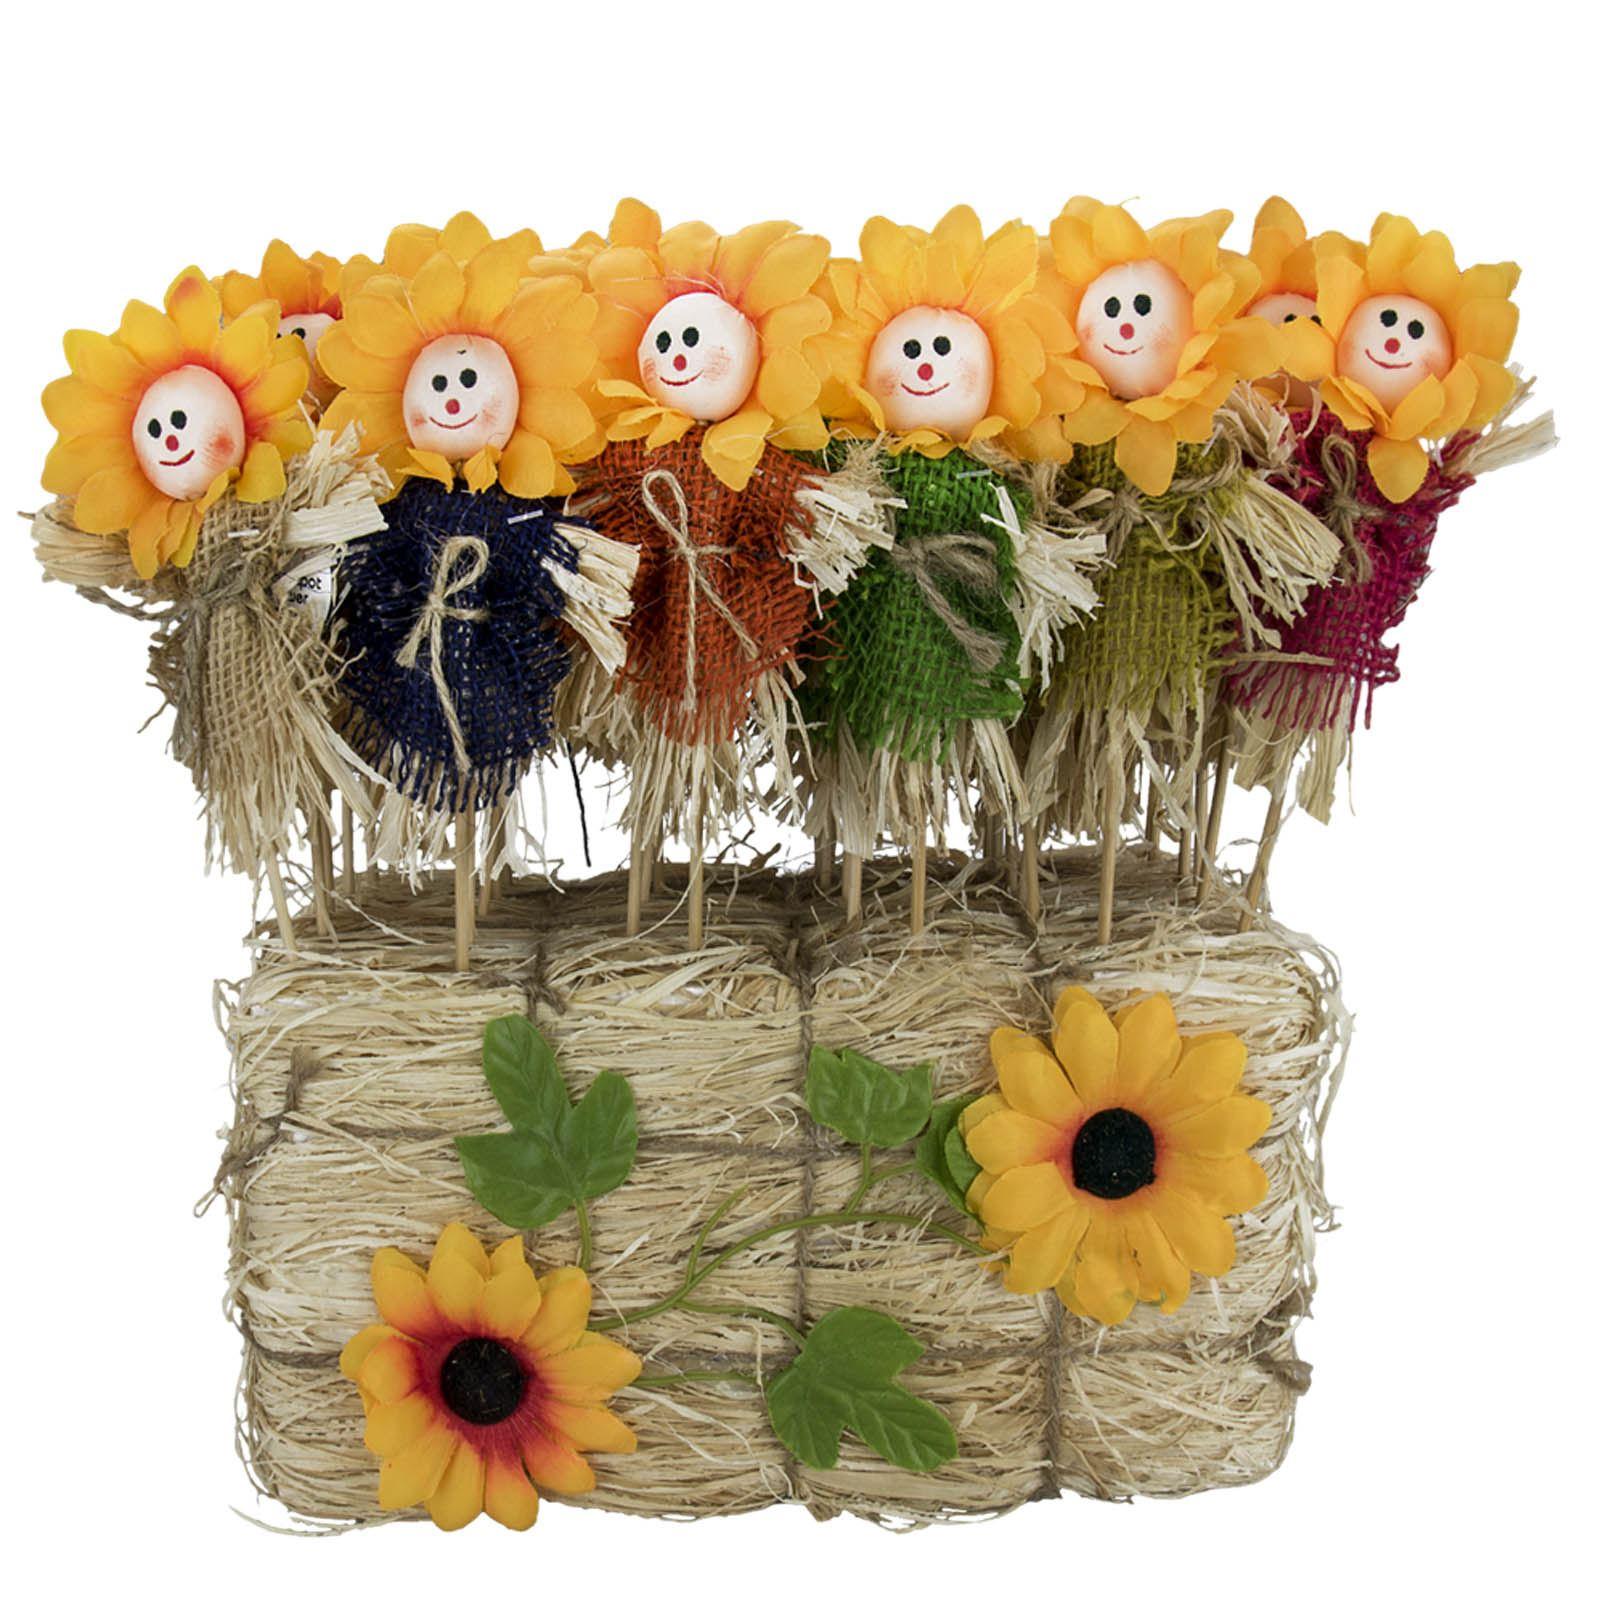 Face Plant Pot Part - 44: Sunflower-Face-Plant-Pot-Scarecrow-Stick-Straw-Wooden-